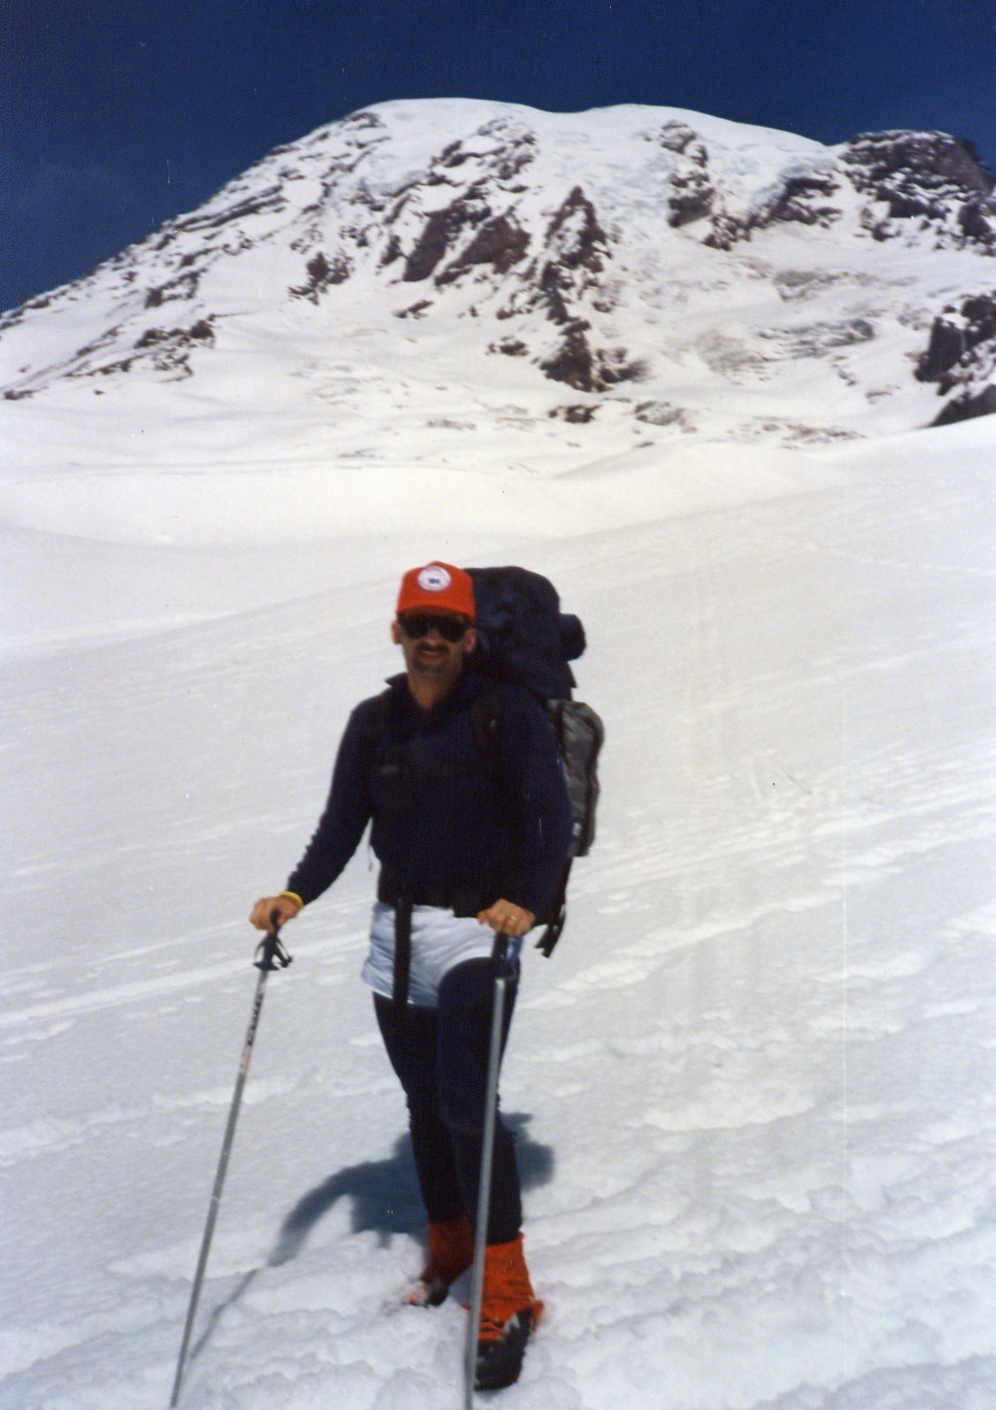 On Muir Snowfield. Mount Rainier.